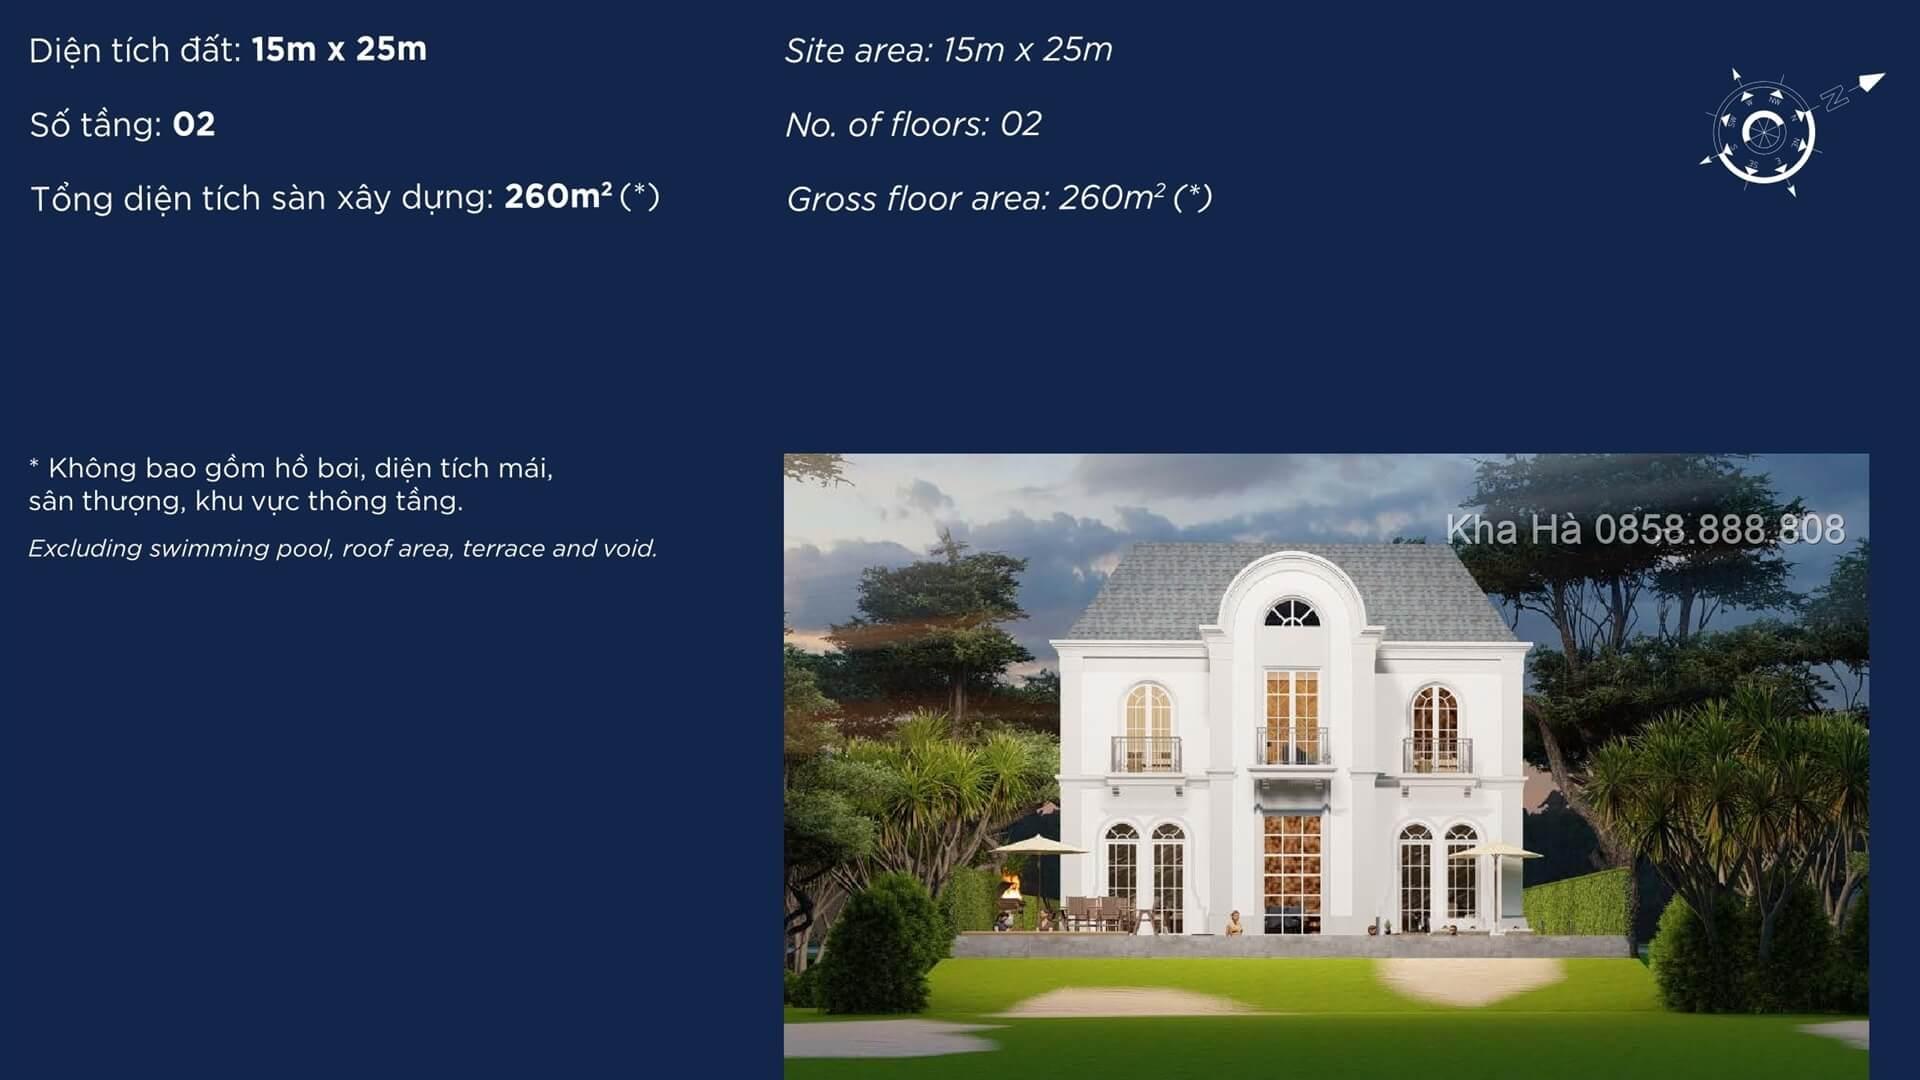 PGA-Golf-Villas-5.6-biet-thu-don-lap-dien-tich-15x25-mat-sau